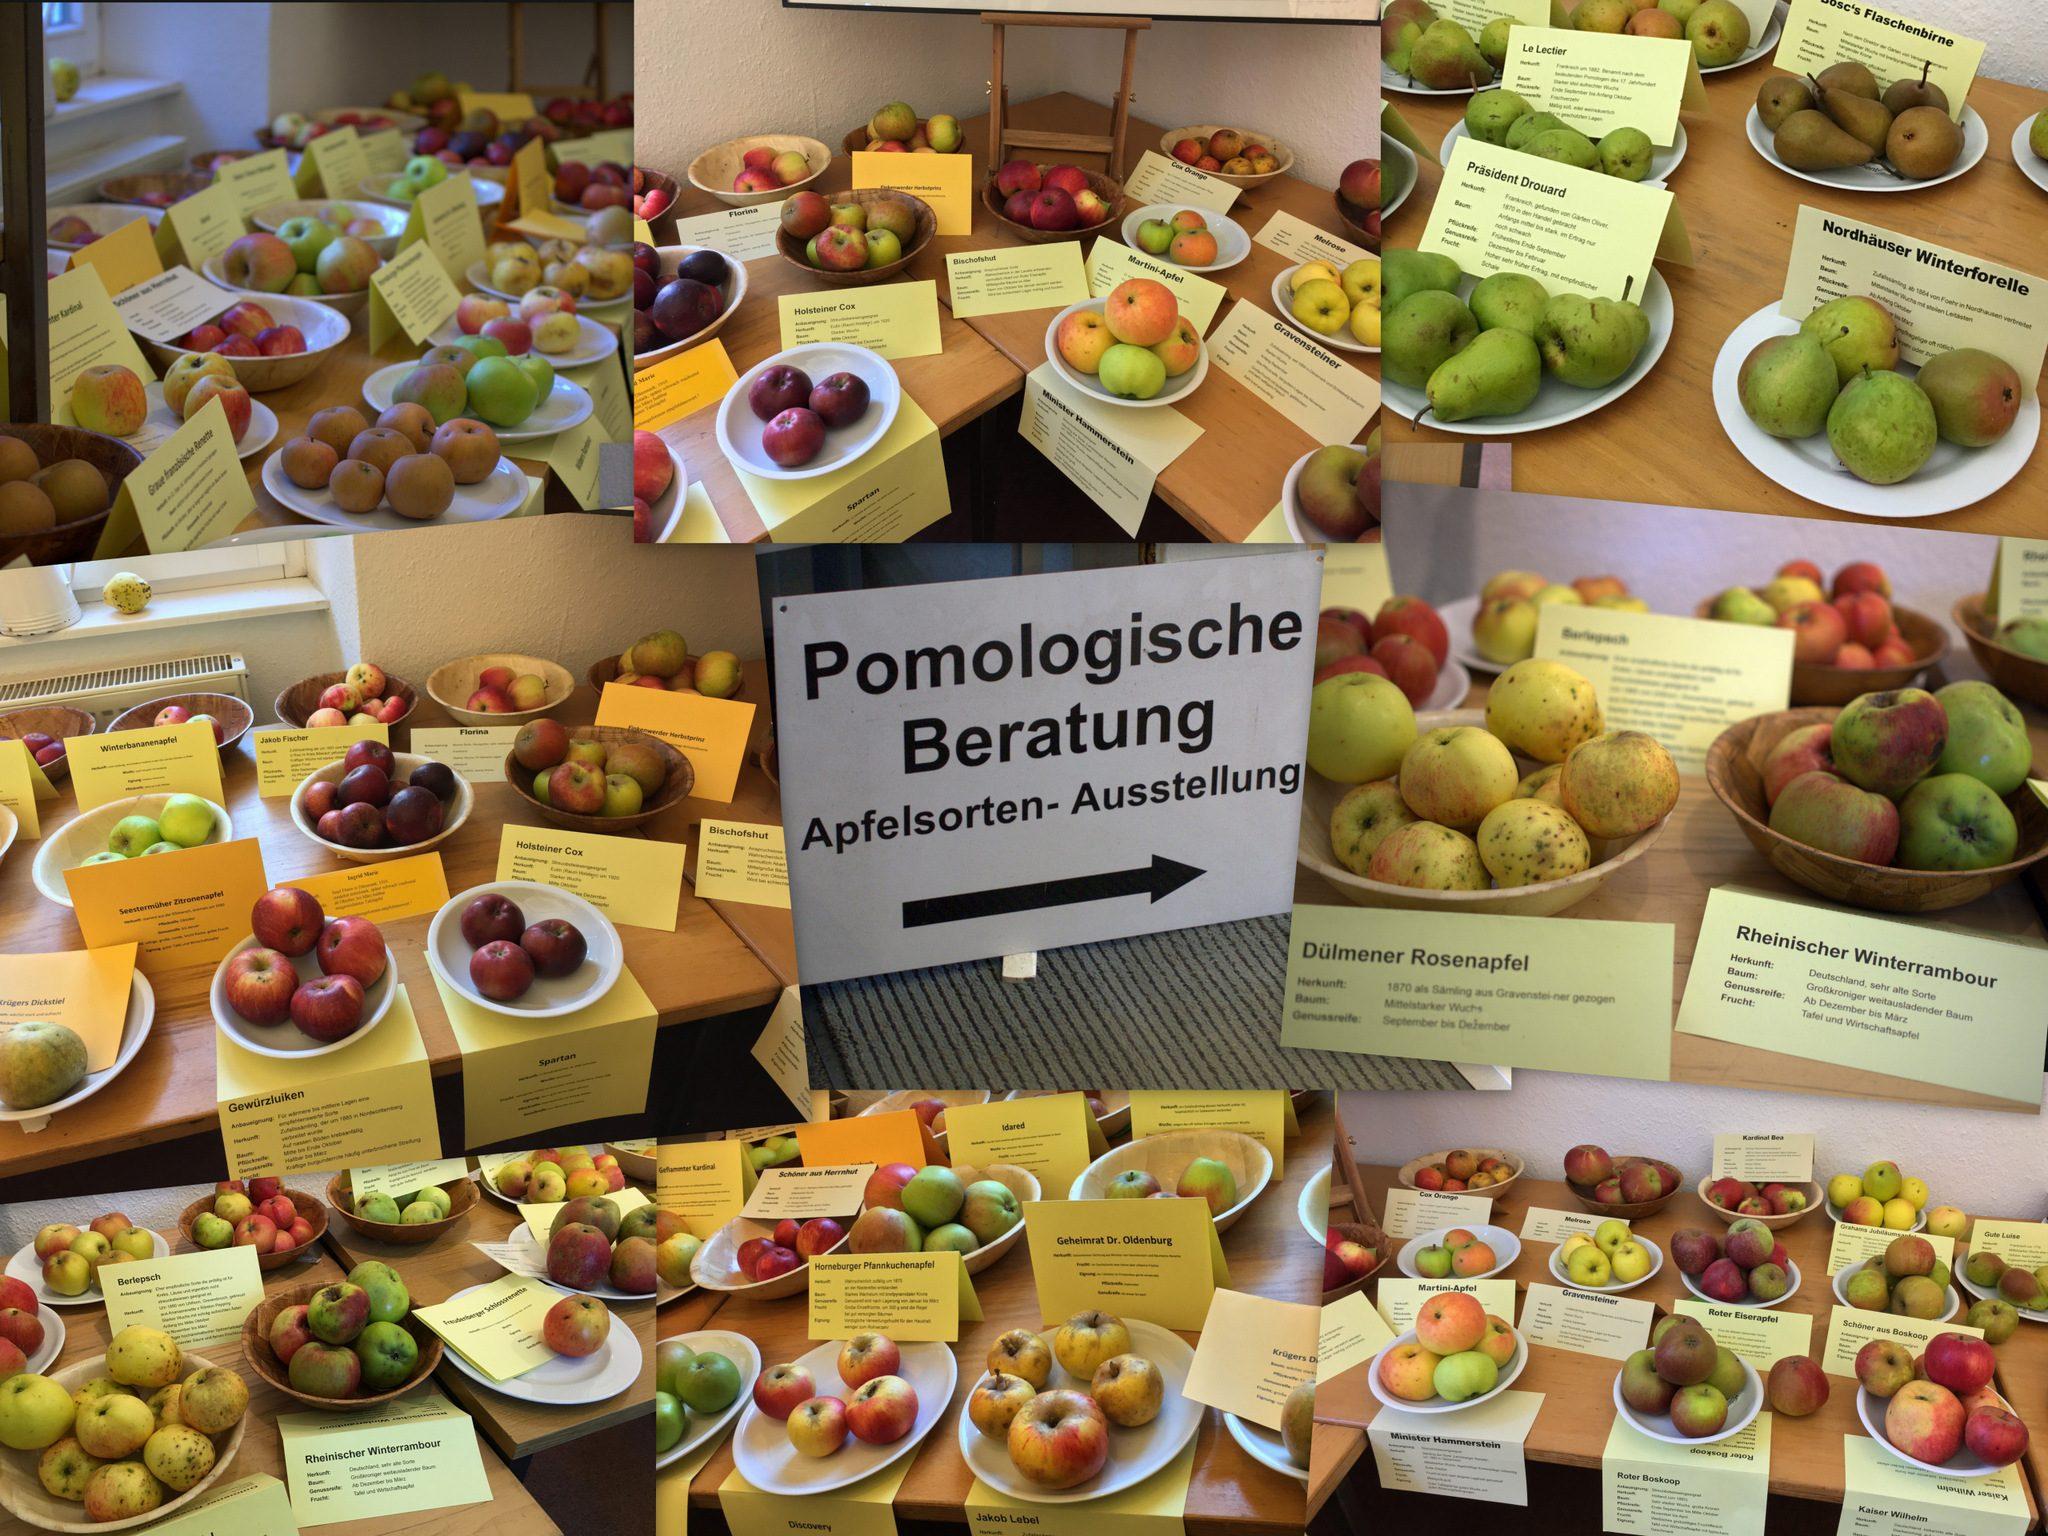 Pomologische Beratung und großartige Apfel- und Birnenausstellung.